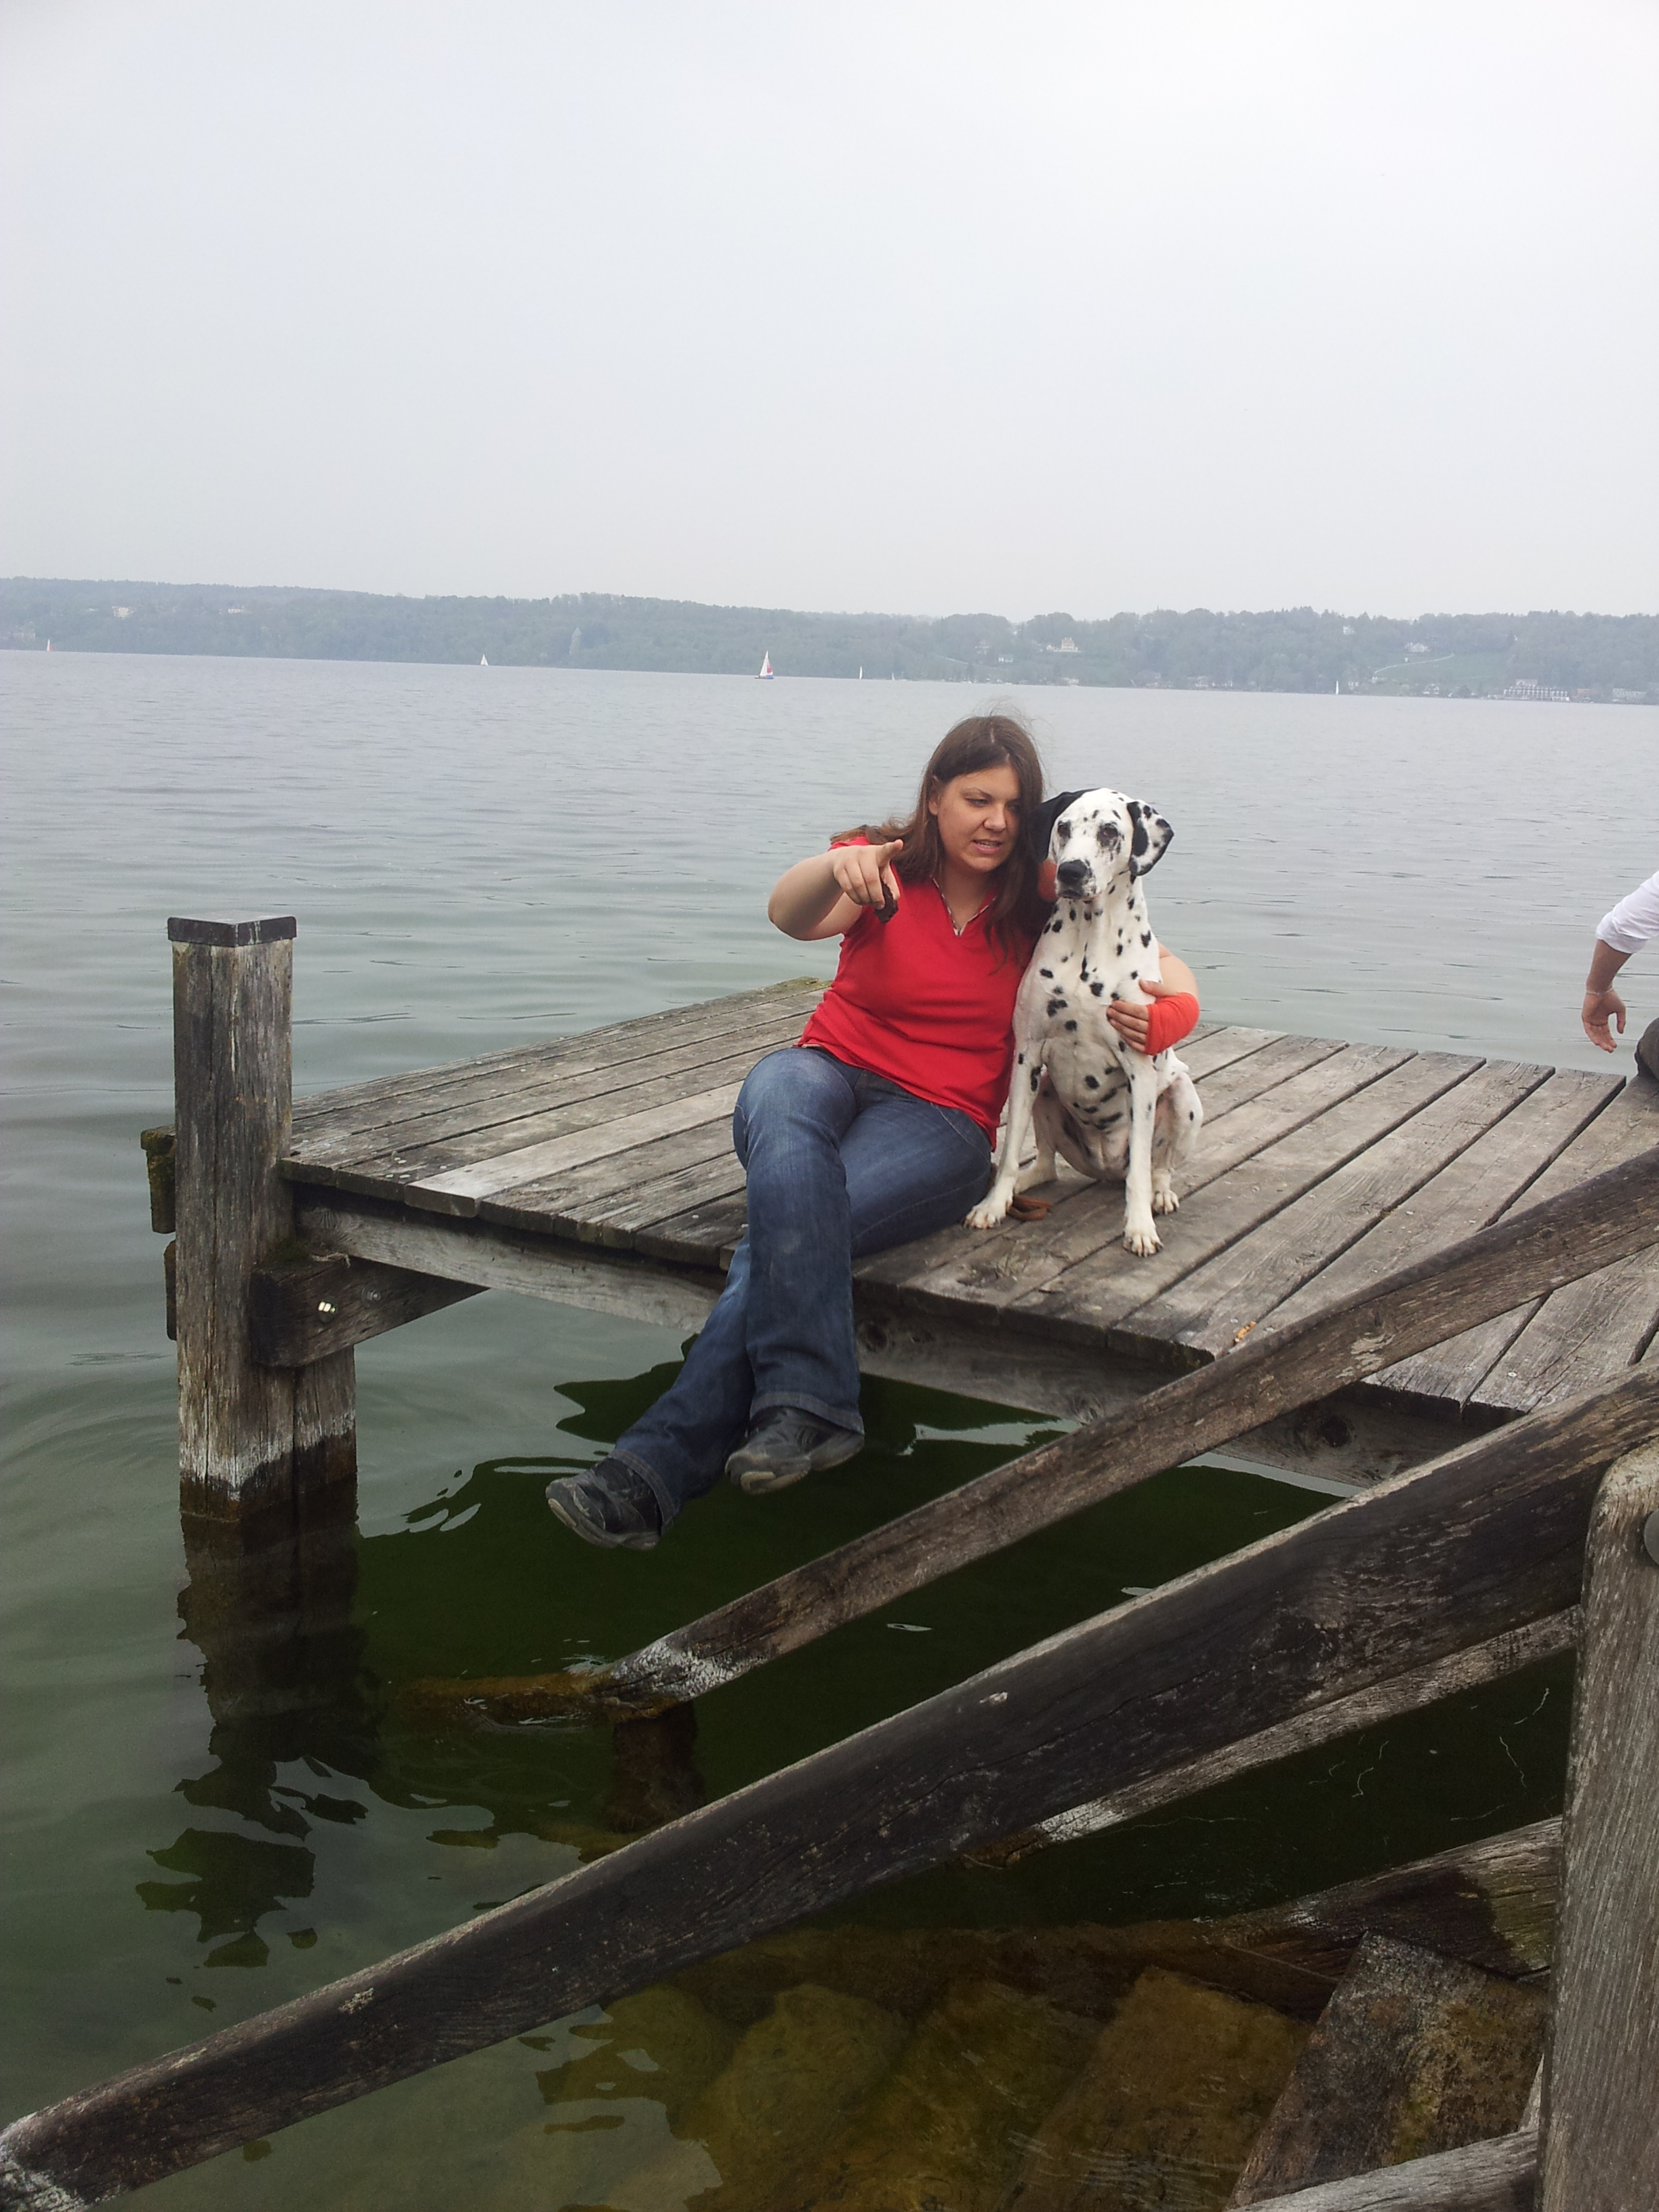 Luisa mit Dalmatiner Hundeprinzessin am Steg